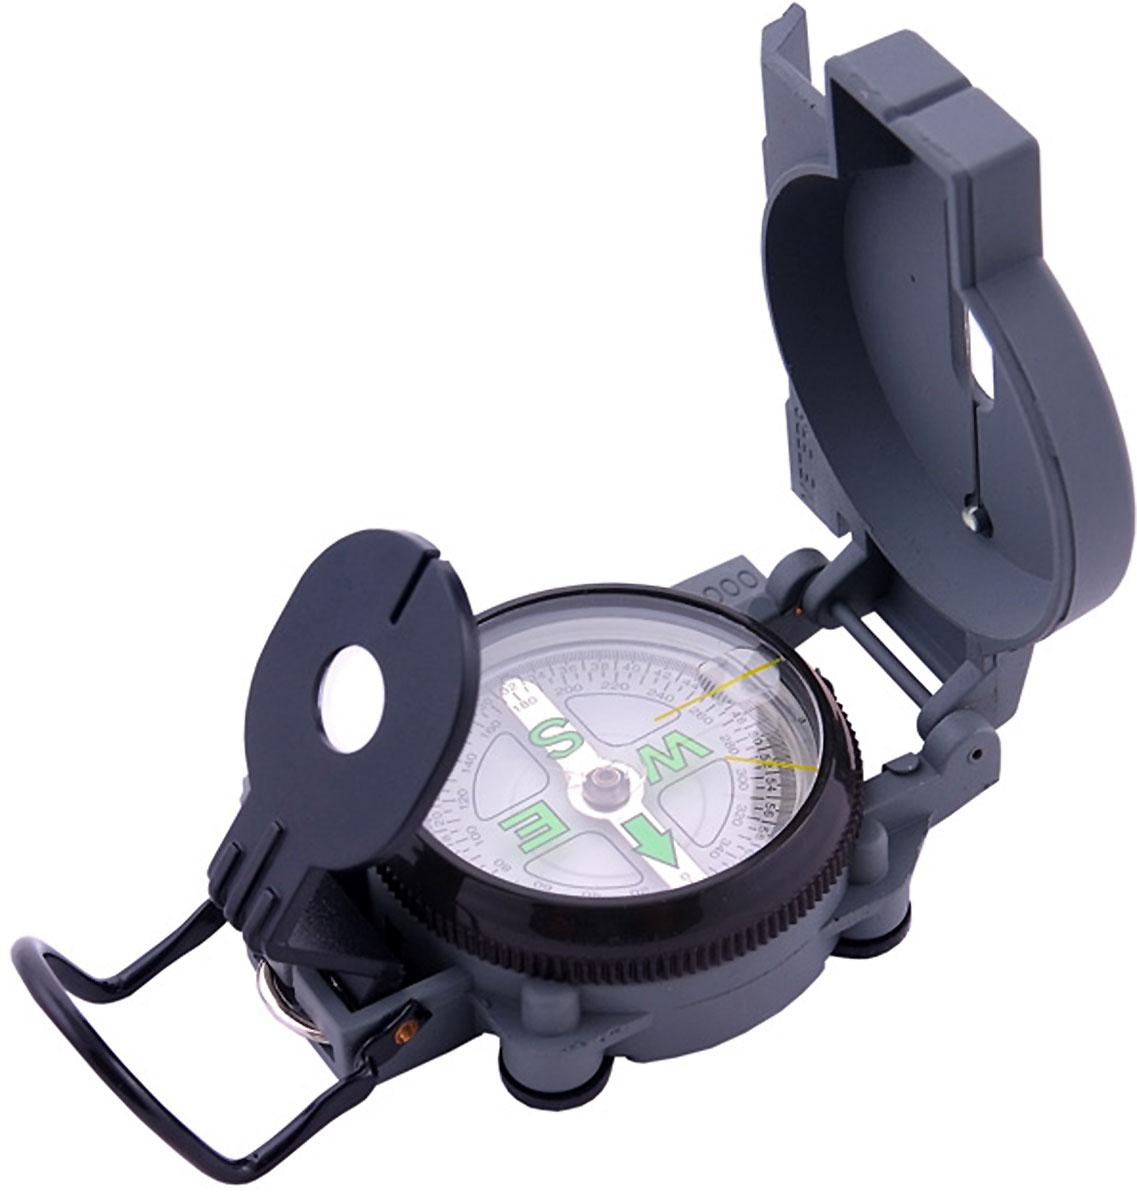 Компас AceCamp Армейский, цвет: темно-серый. 31033103Компас Армейский Military Compass от AceCamp. Армейский компас с жидкостным наполнением в металлическом корпусе - оптимальный вариант для эксплуатации в суровых условиях. Функции компаса: компас складной (имеется крышка и основа). Защитная крышка снабжена: линейкой (измерительной шкалой для карты), прицельной нитью, прицельными светонакопительными точками. Основа снабжена: линейкой (измерительной шкалой для карты) , кольцом оправы с направляющими светонакопитльными полосками и увеличительным стеклом на визоре, плавающим циферблатом, магнитной стрелкой сосветонакопительным элементом. Основа компаса имеет задний прицел, с прицельной щелью и линзой. А так же скобу для закрытия конструкции и отдельную скобу подвешивания компаса на снаряжение или темляк. Размеры: 80 х 60 мм. Вес: 100 г.